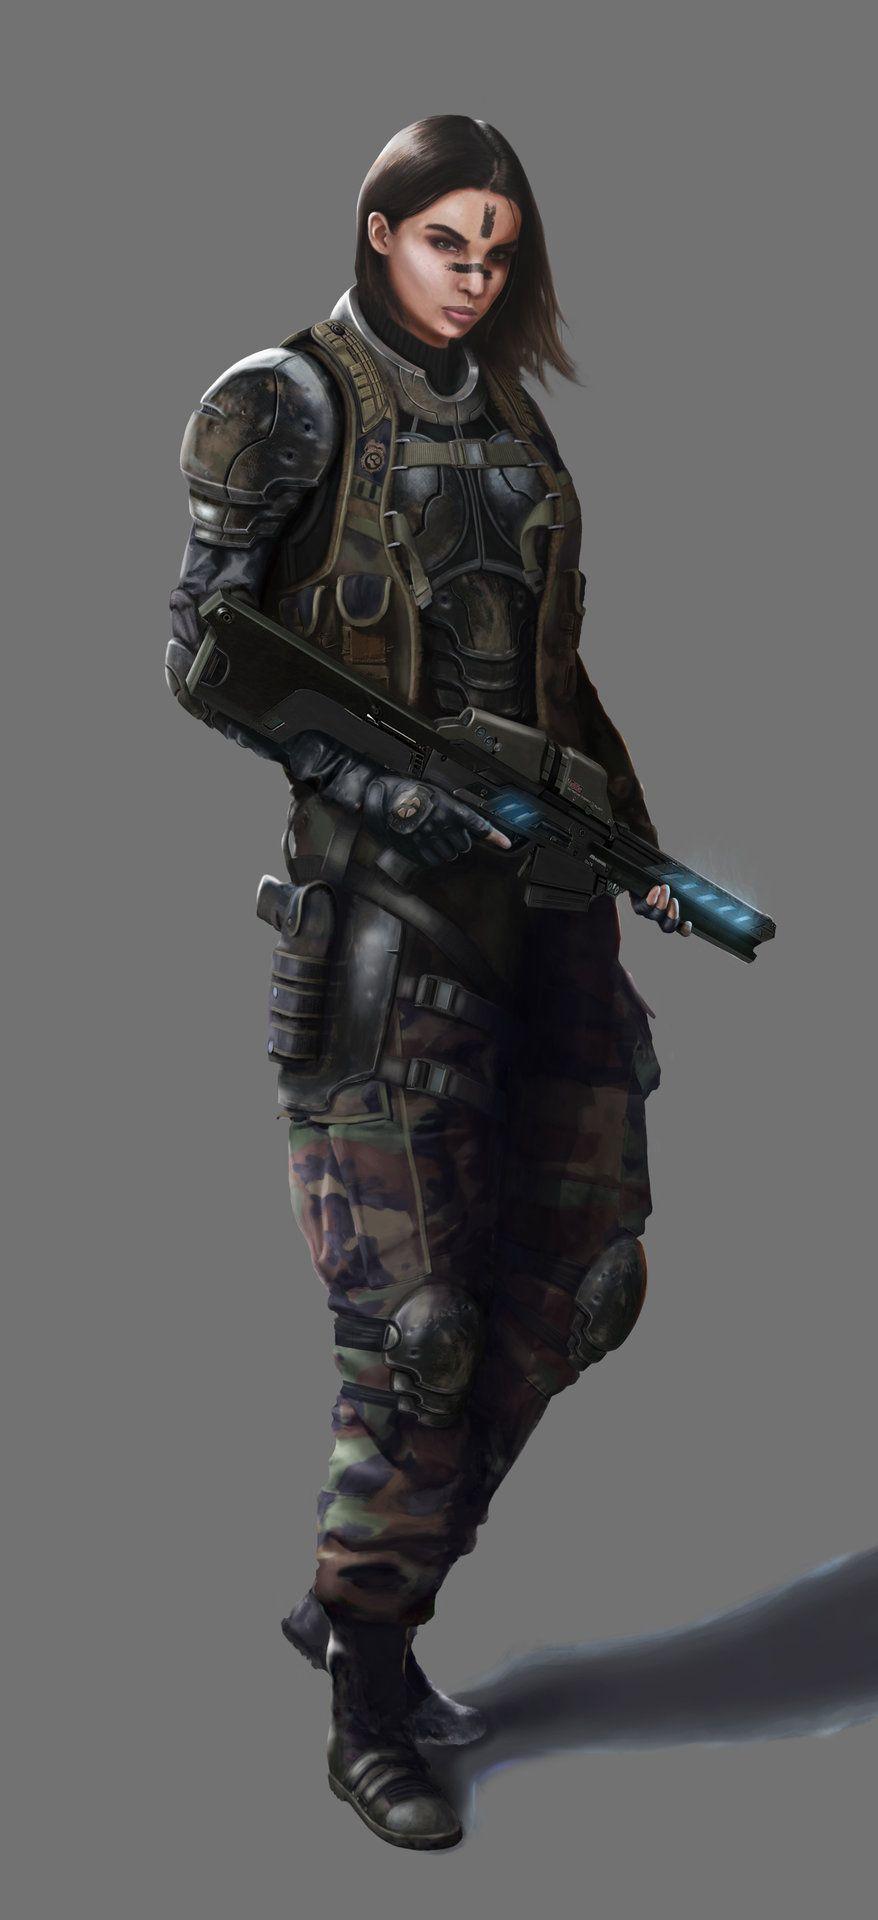 ArtStation - Female Soldier, Joey Tan   Sci fi characters ...